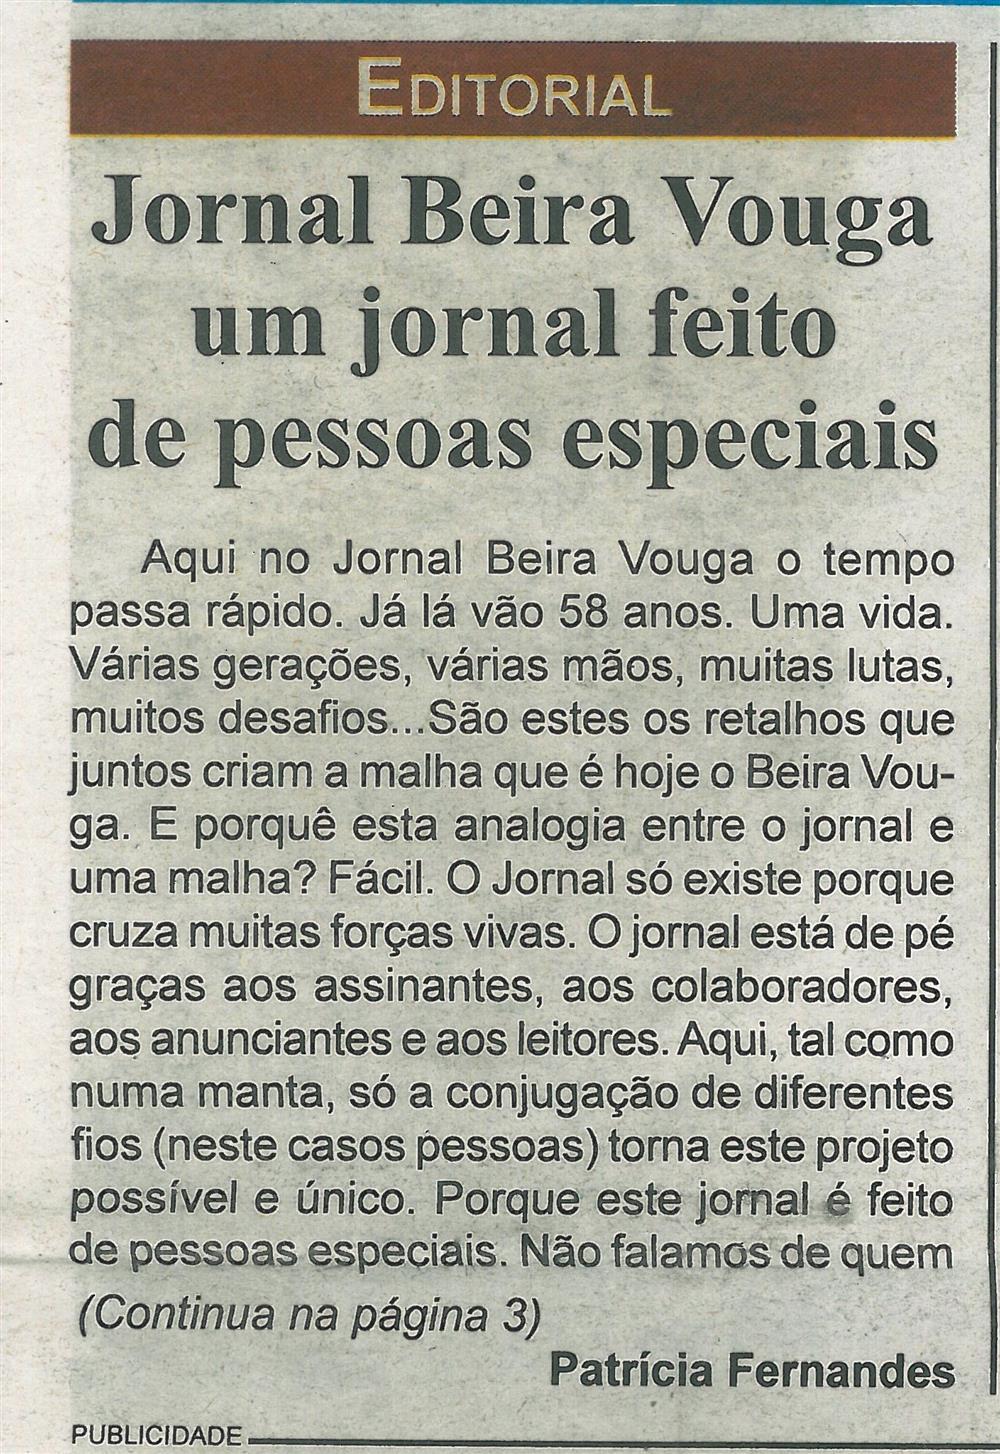 BV-1.ªjul.'19-p.1-Jornal Beira Vouga um jornal feito de pessoas especiais : editorial.jpg